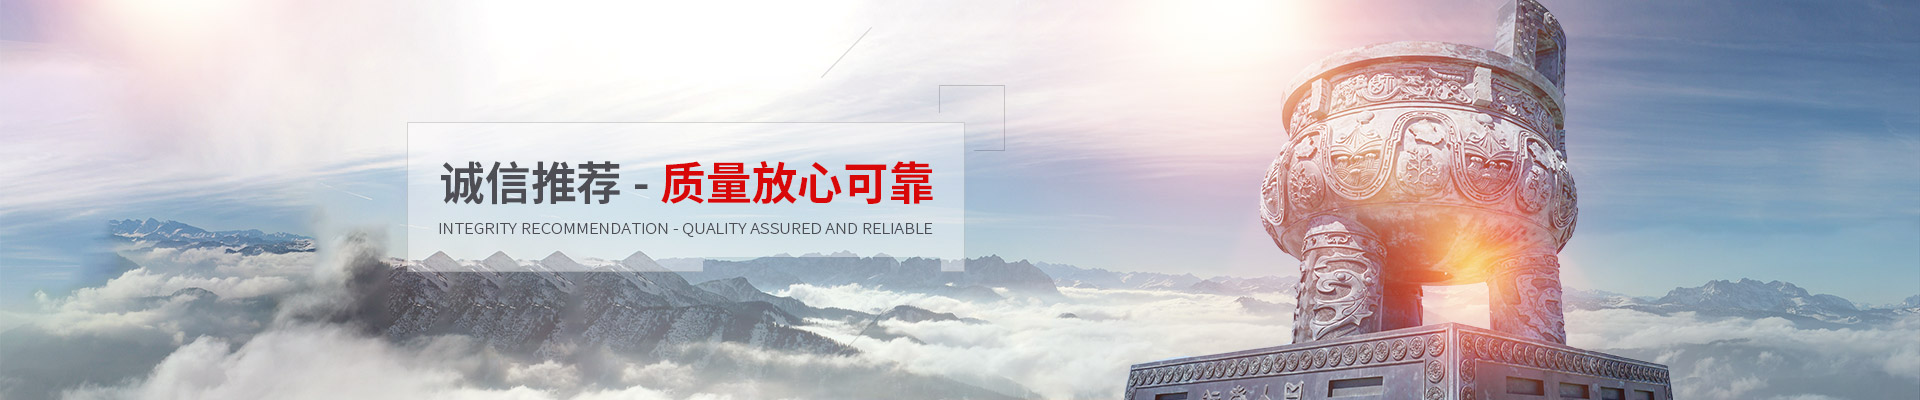 浙江放心選計算機軟硬件鄭重承諾,計算機軟硬件